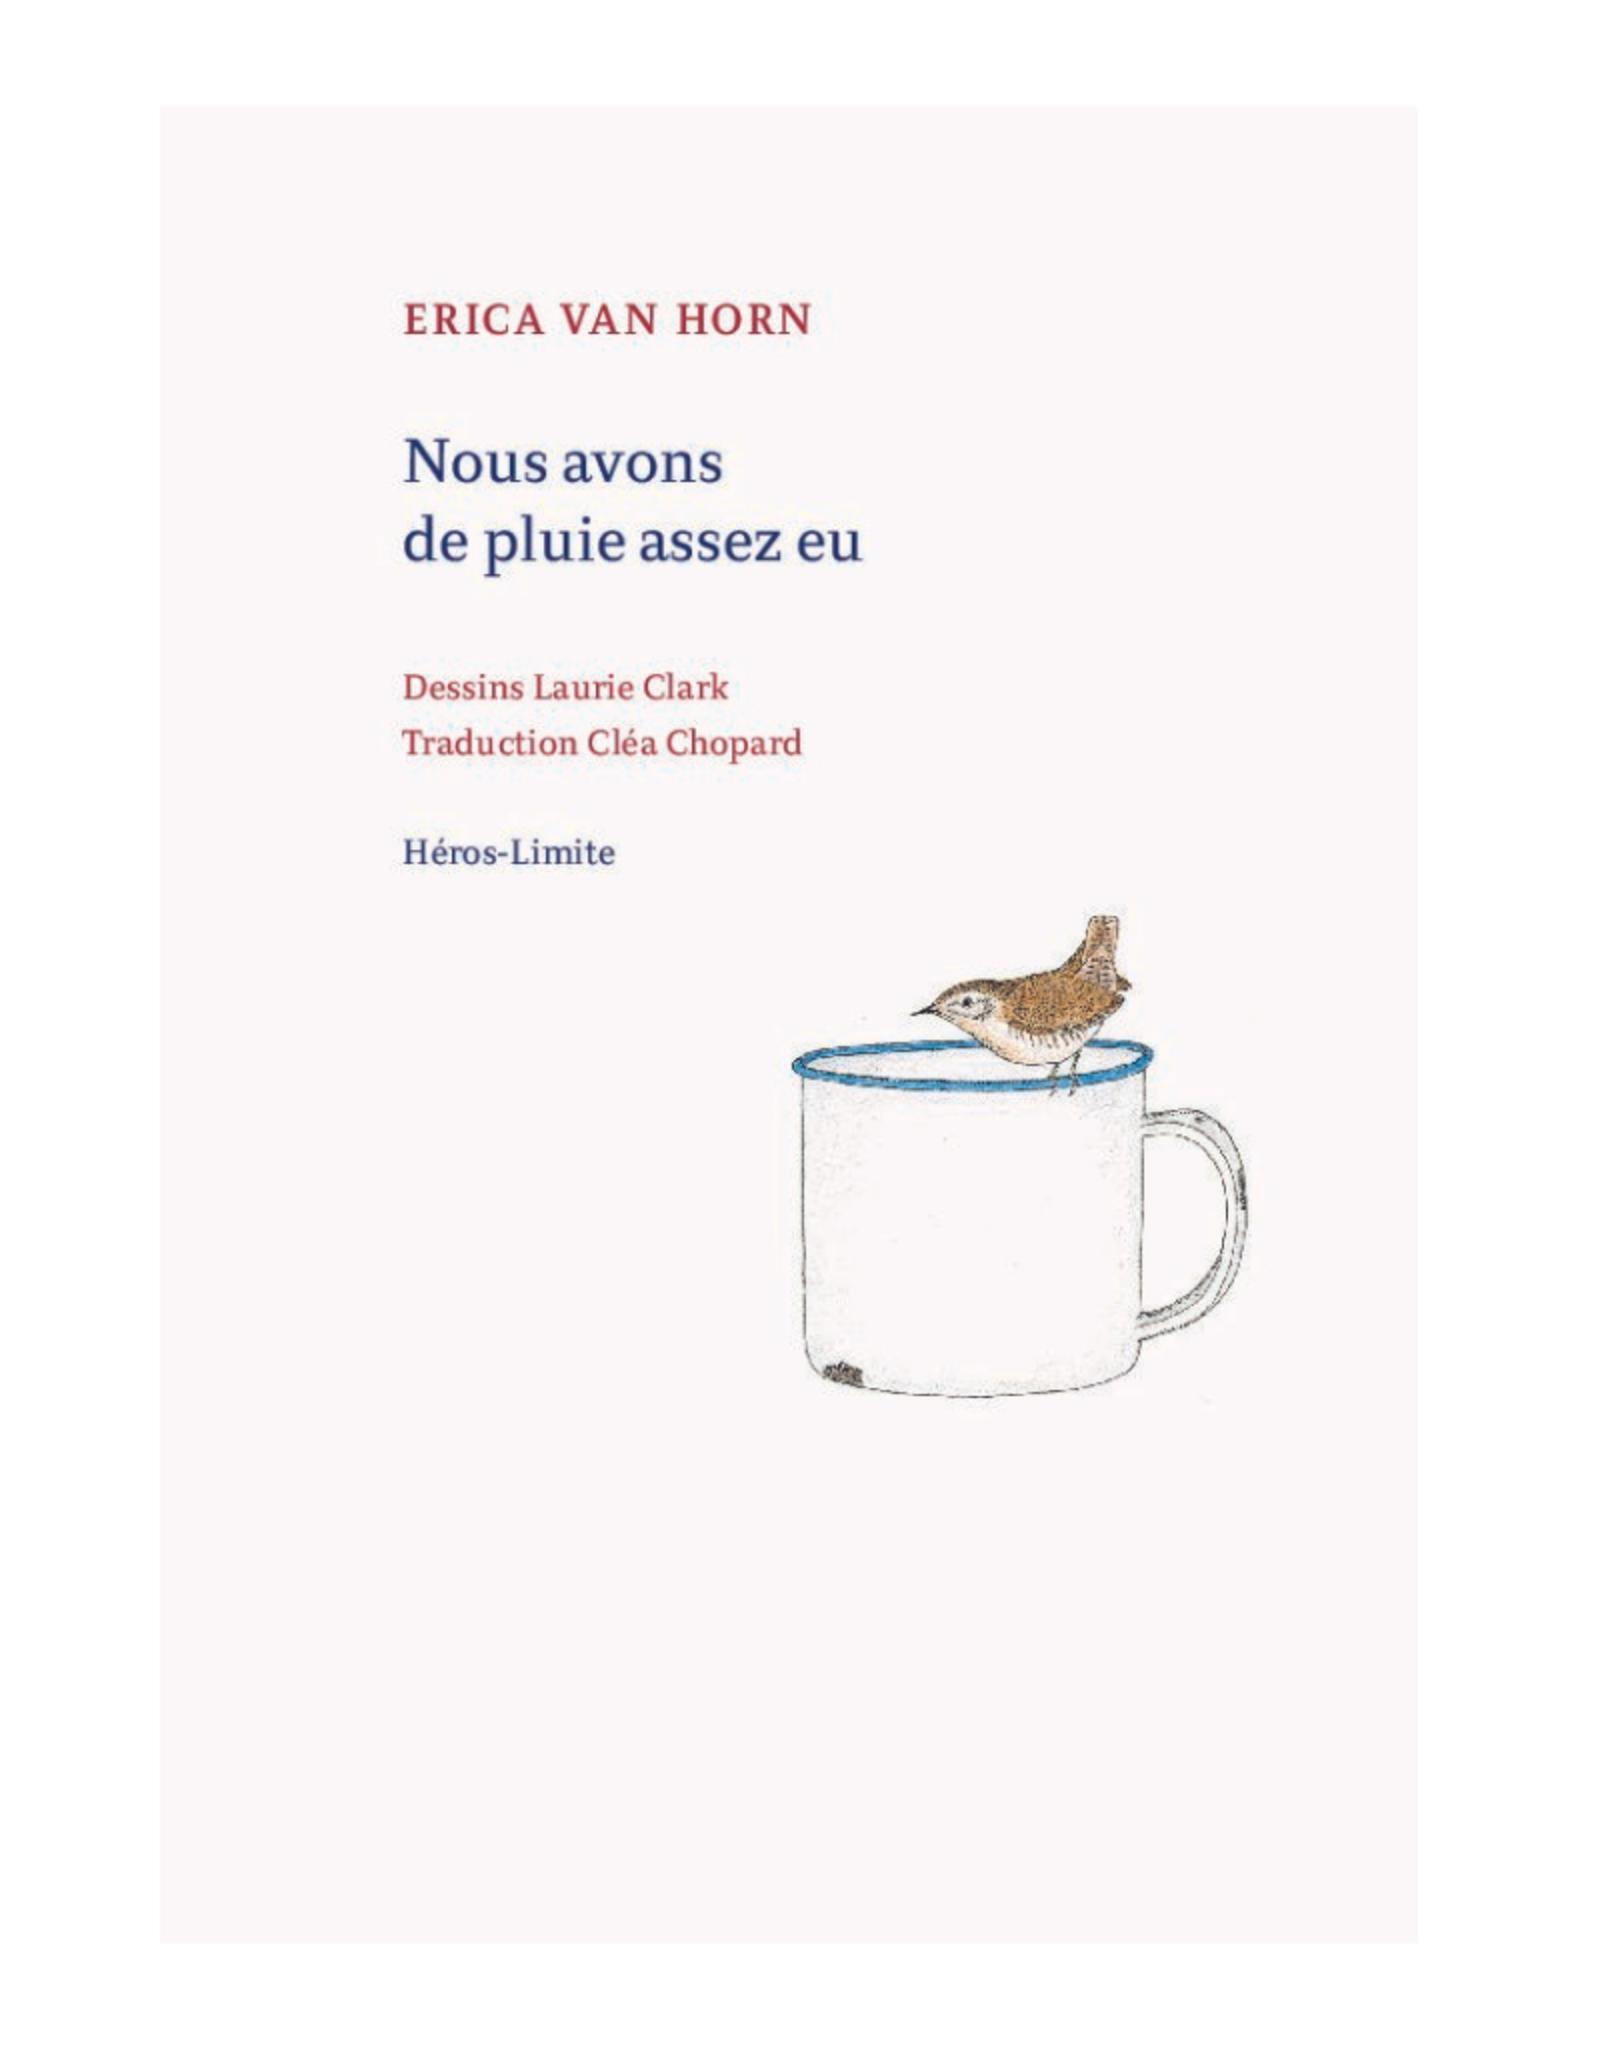 Coracle Nous Avons de Pluie Assez Eu - Erica van Horn